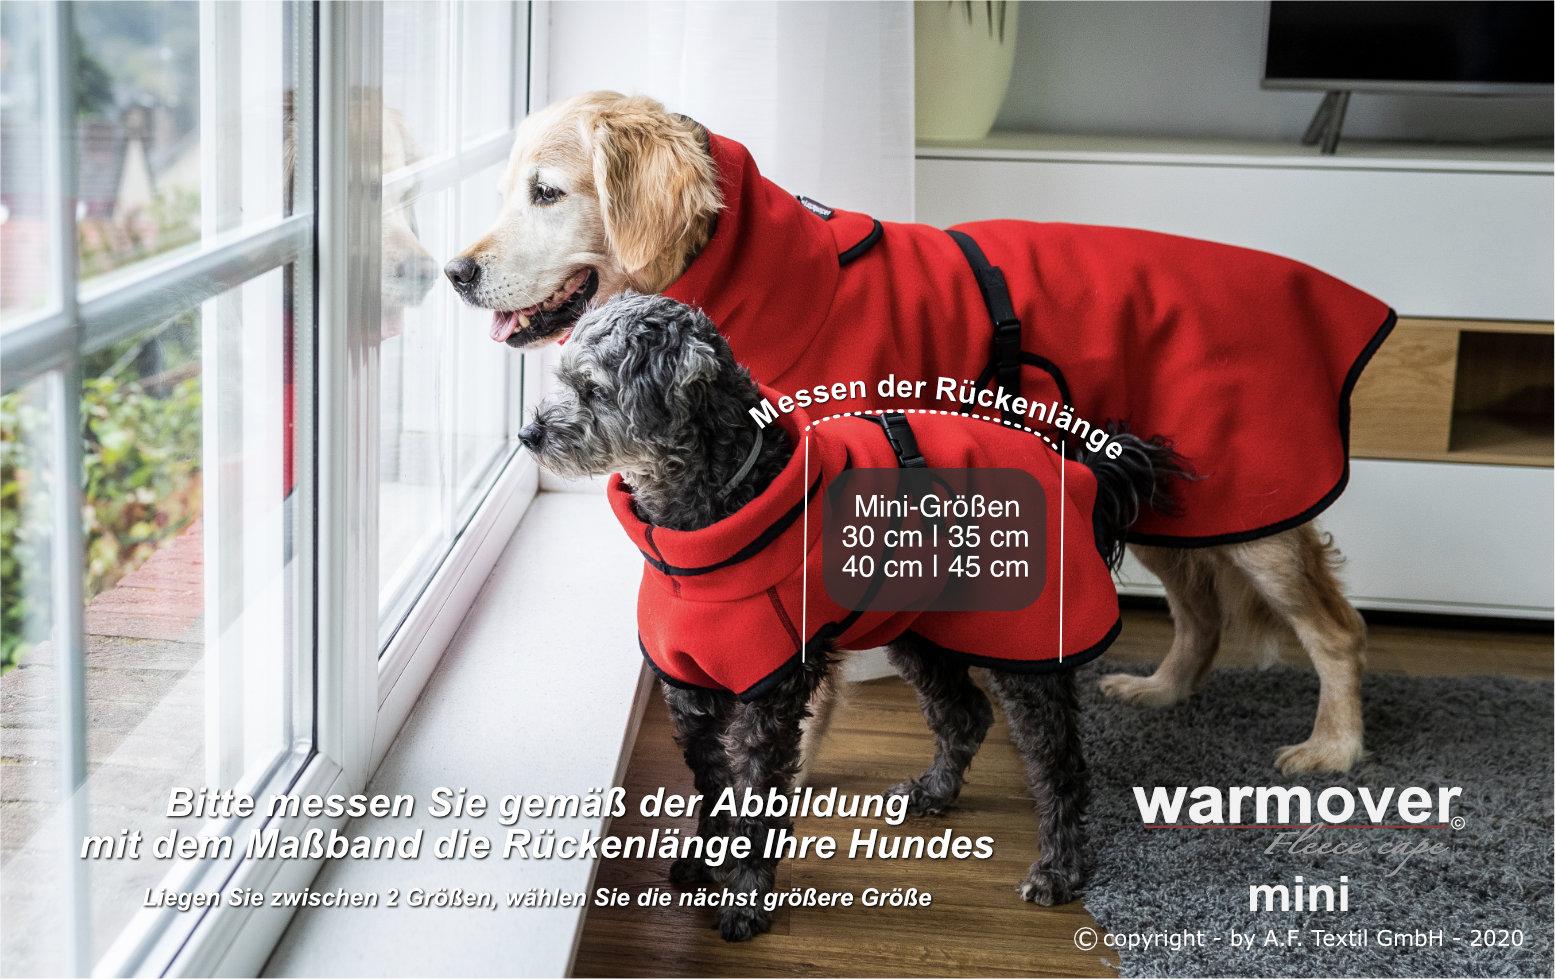 warmover-cape-mini-gr-ssenfindung-deutsch